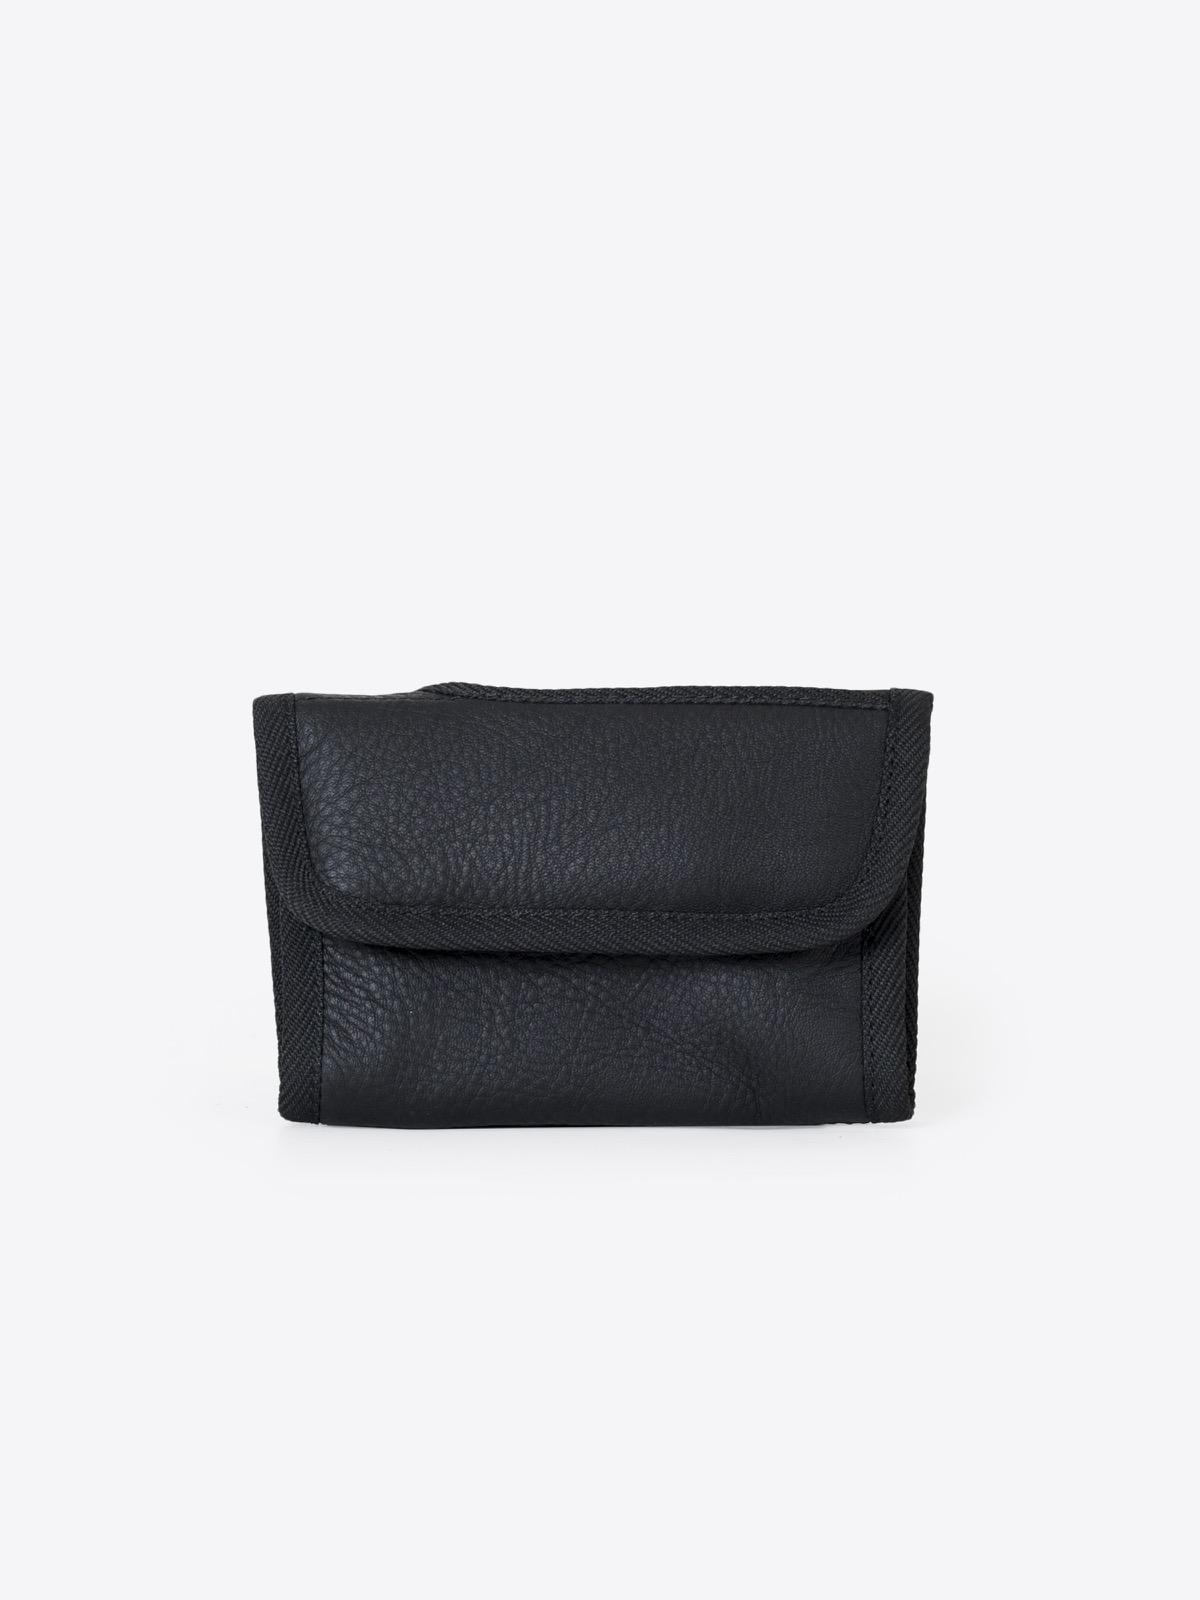 airbag craftworks palermo | dlx